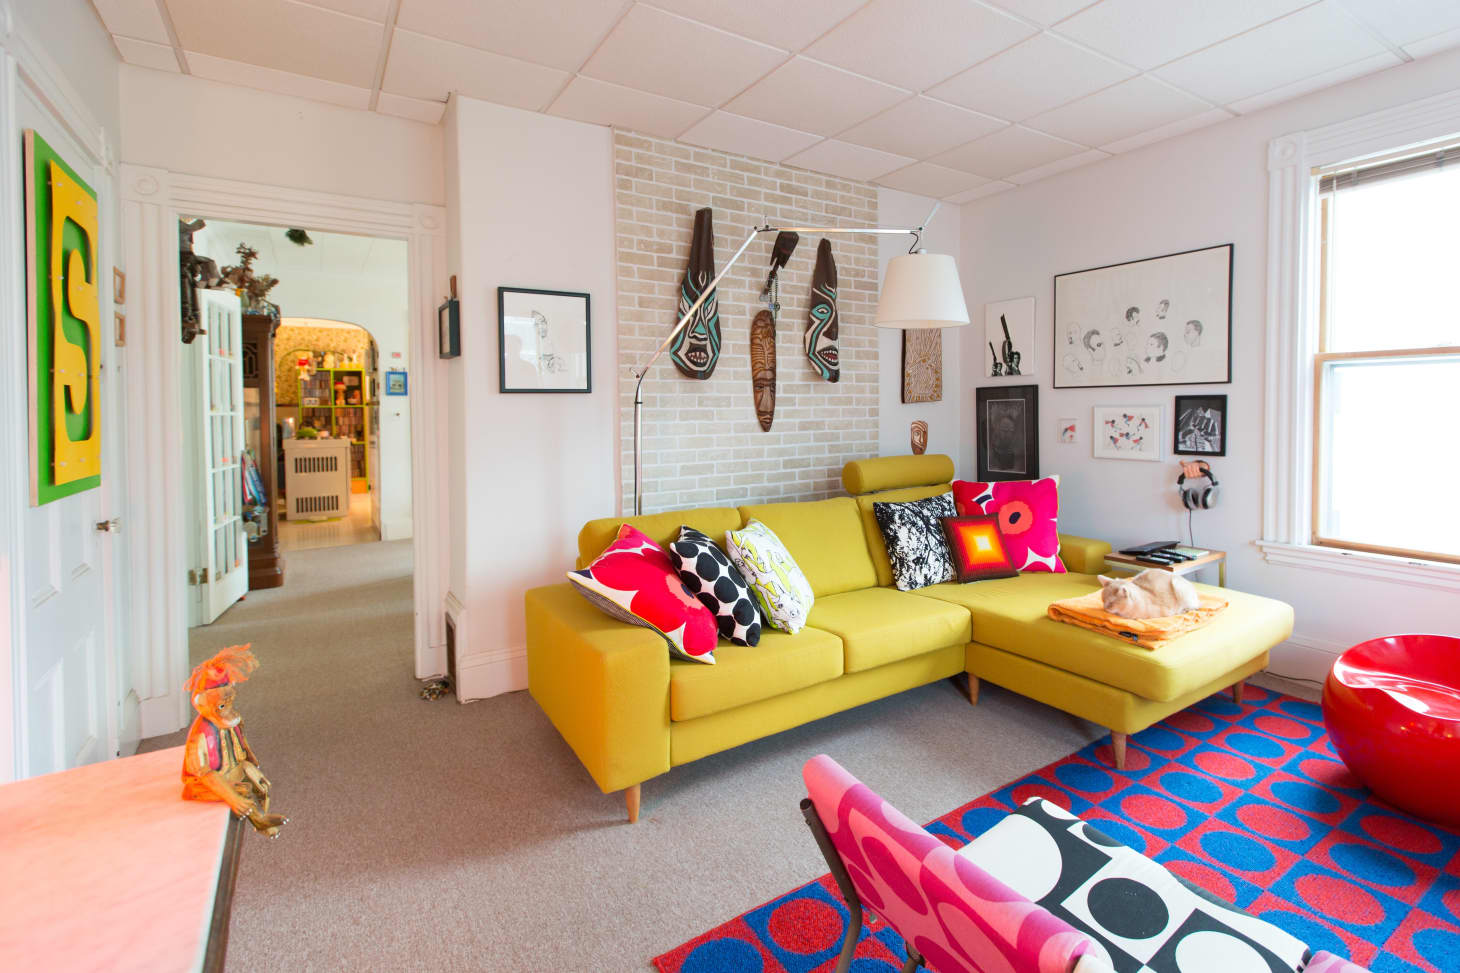 Living Room Decorating Ideas - Home Design Photos ...